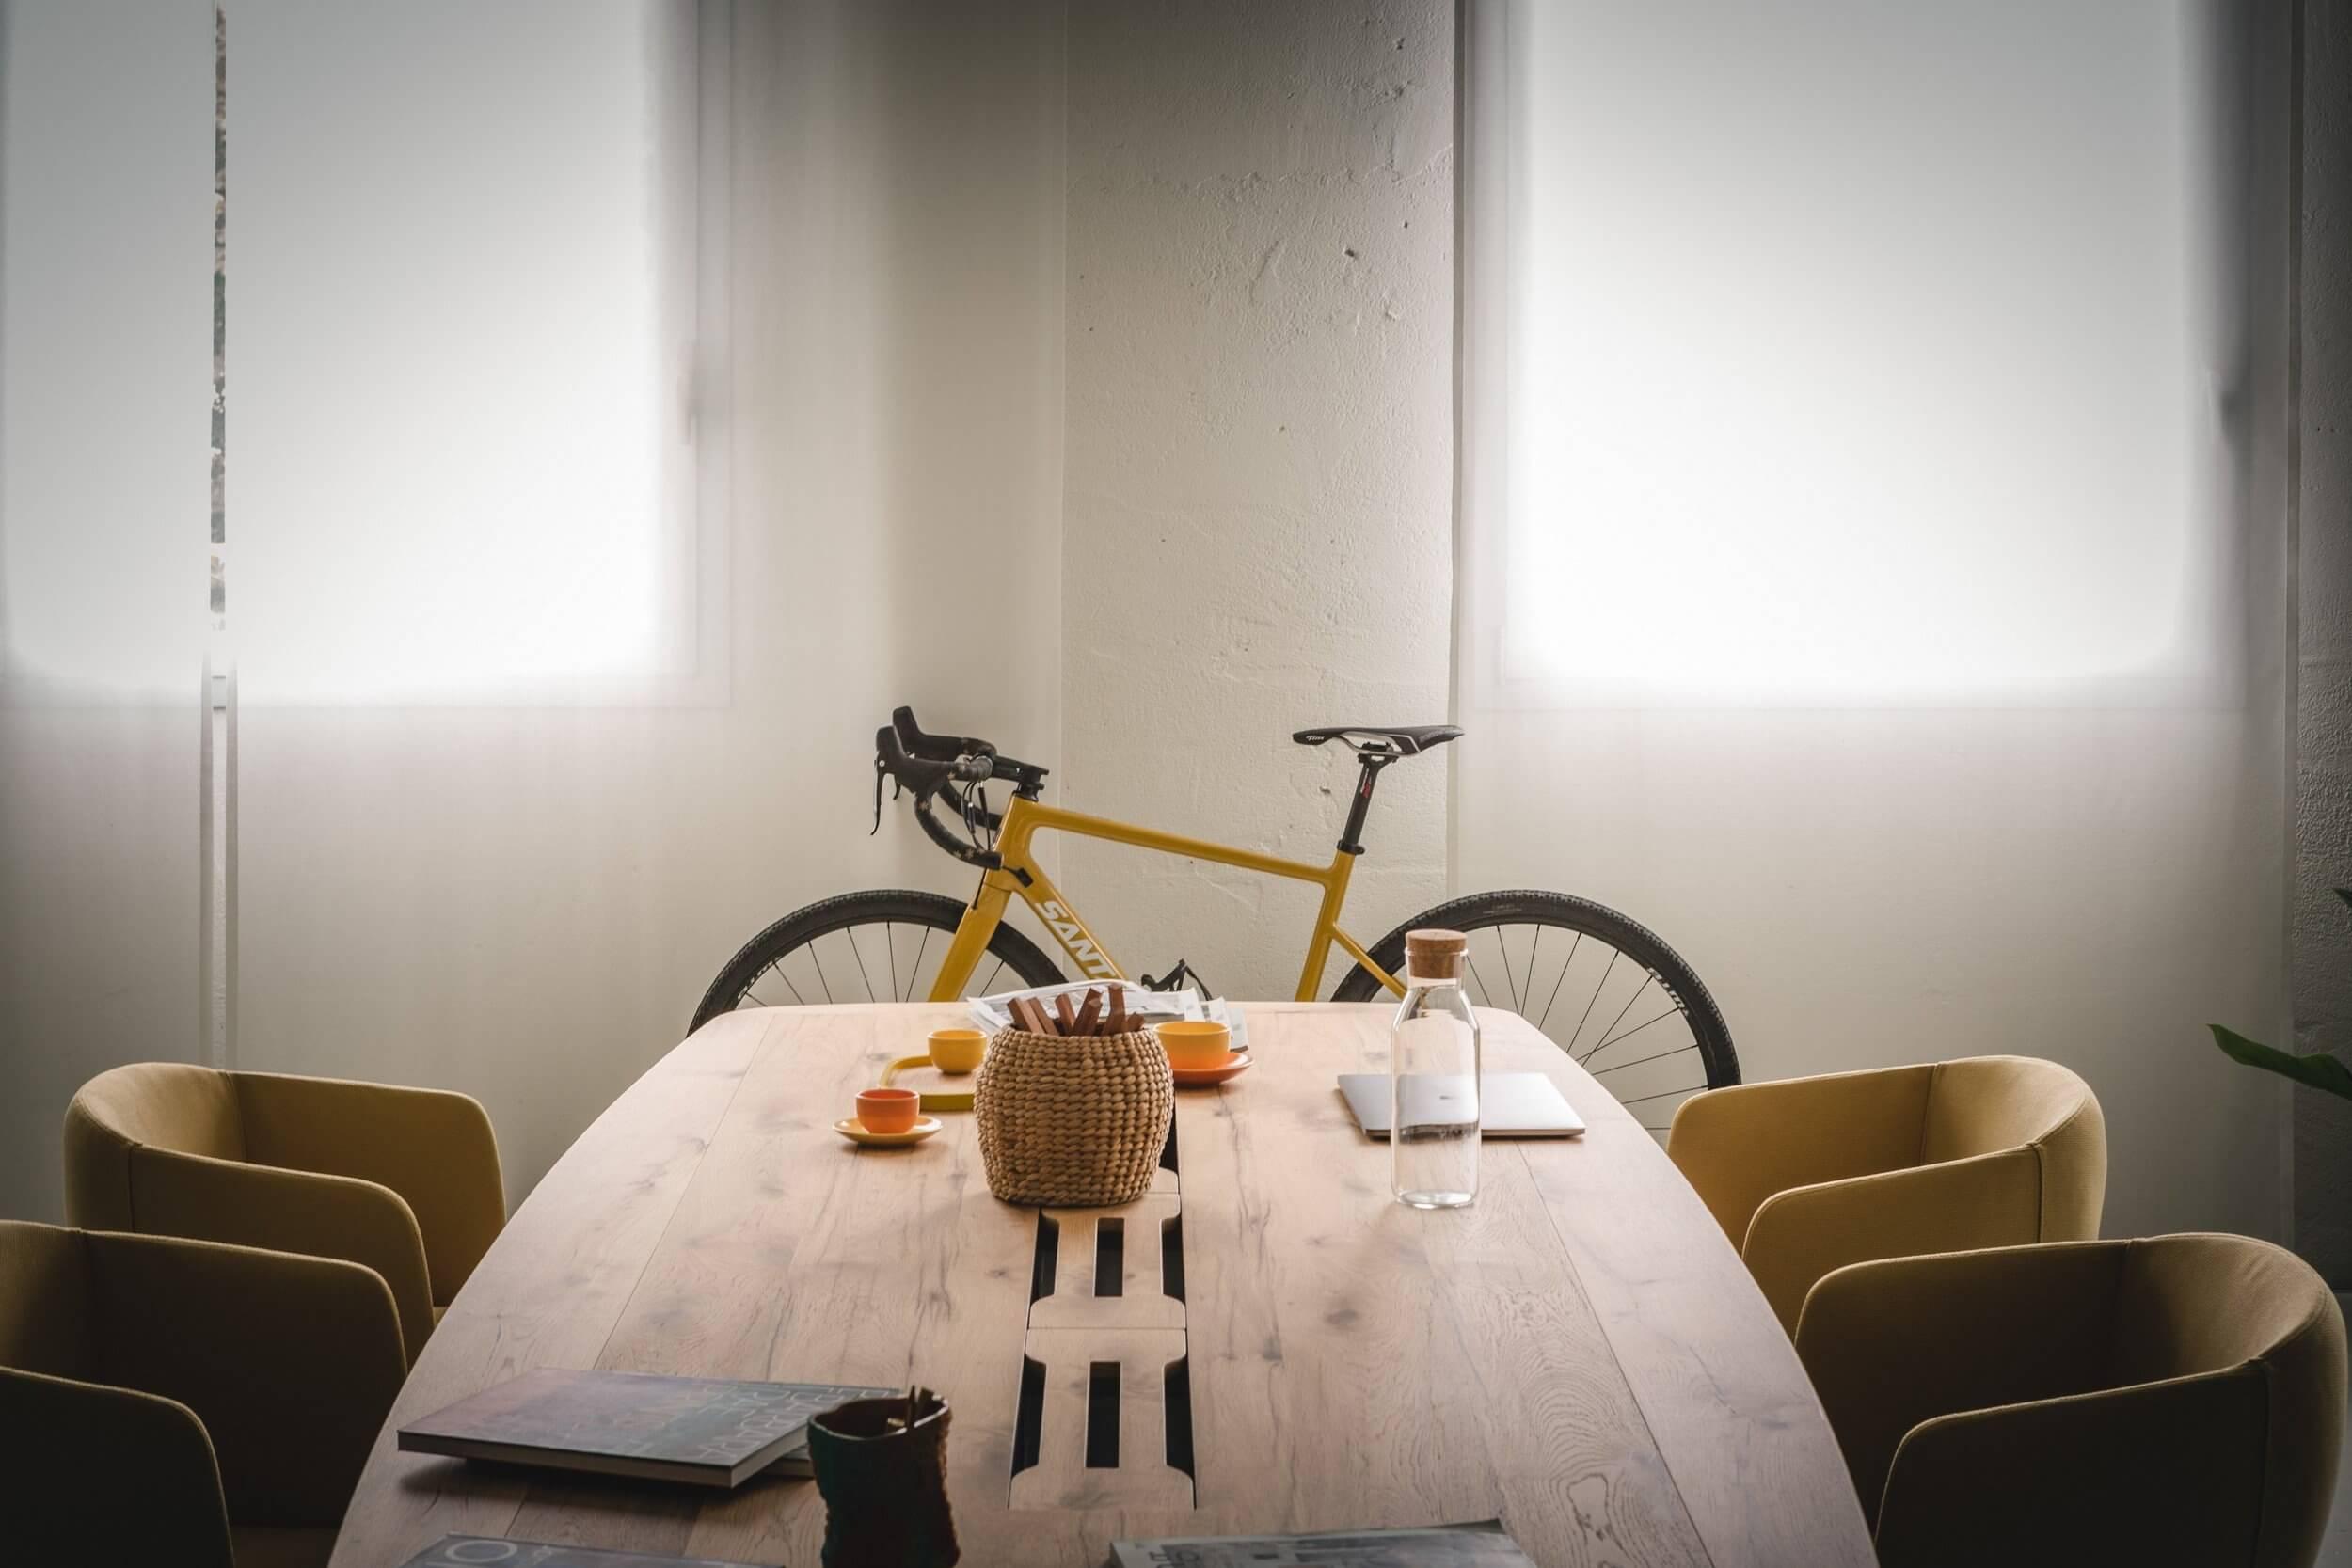 Chaises et table de réunion haut de gamme.